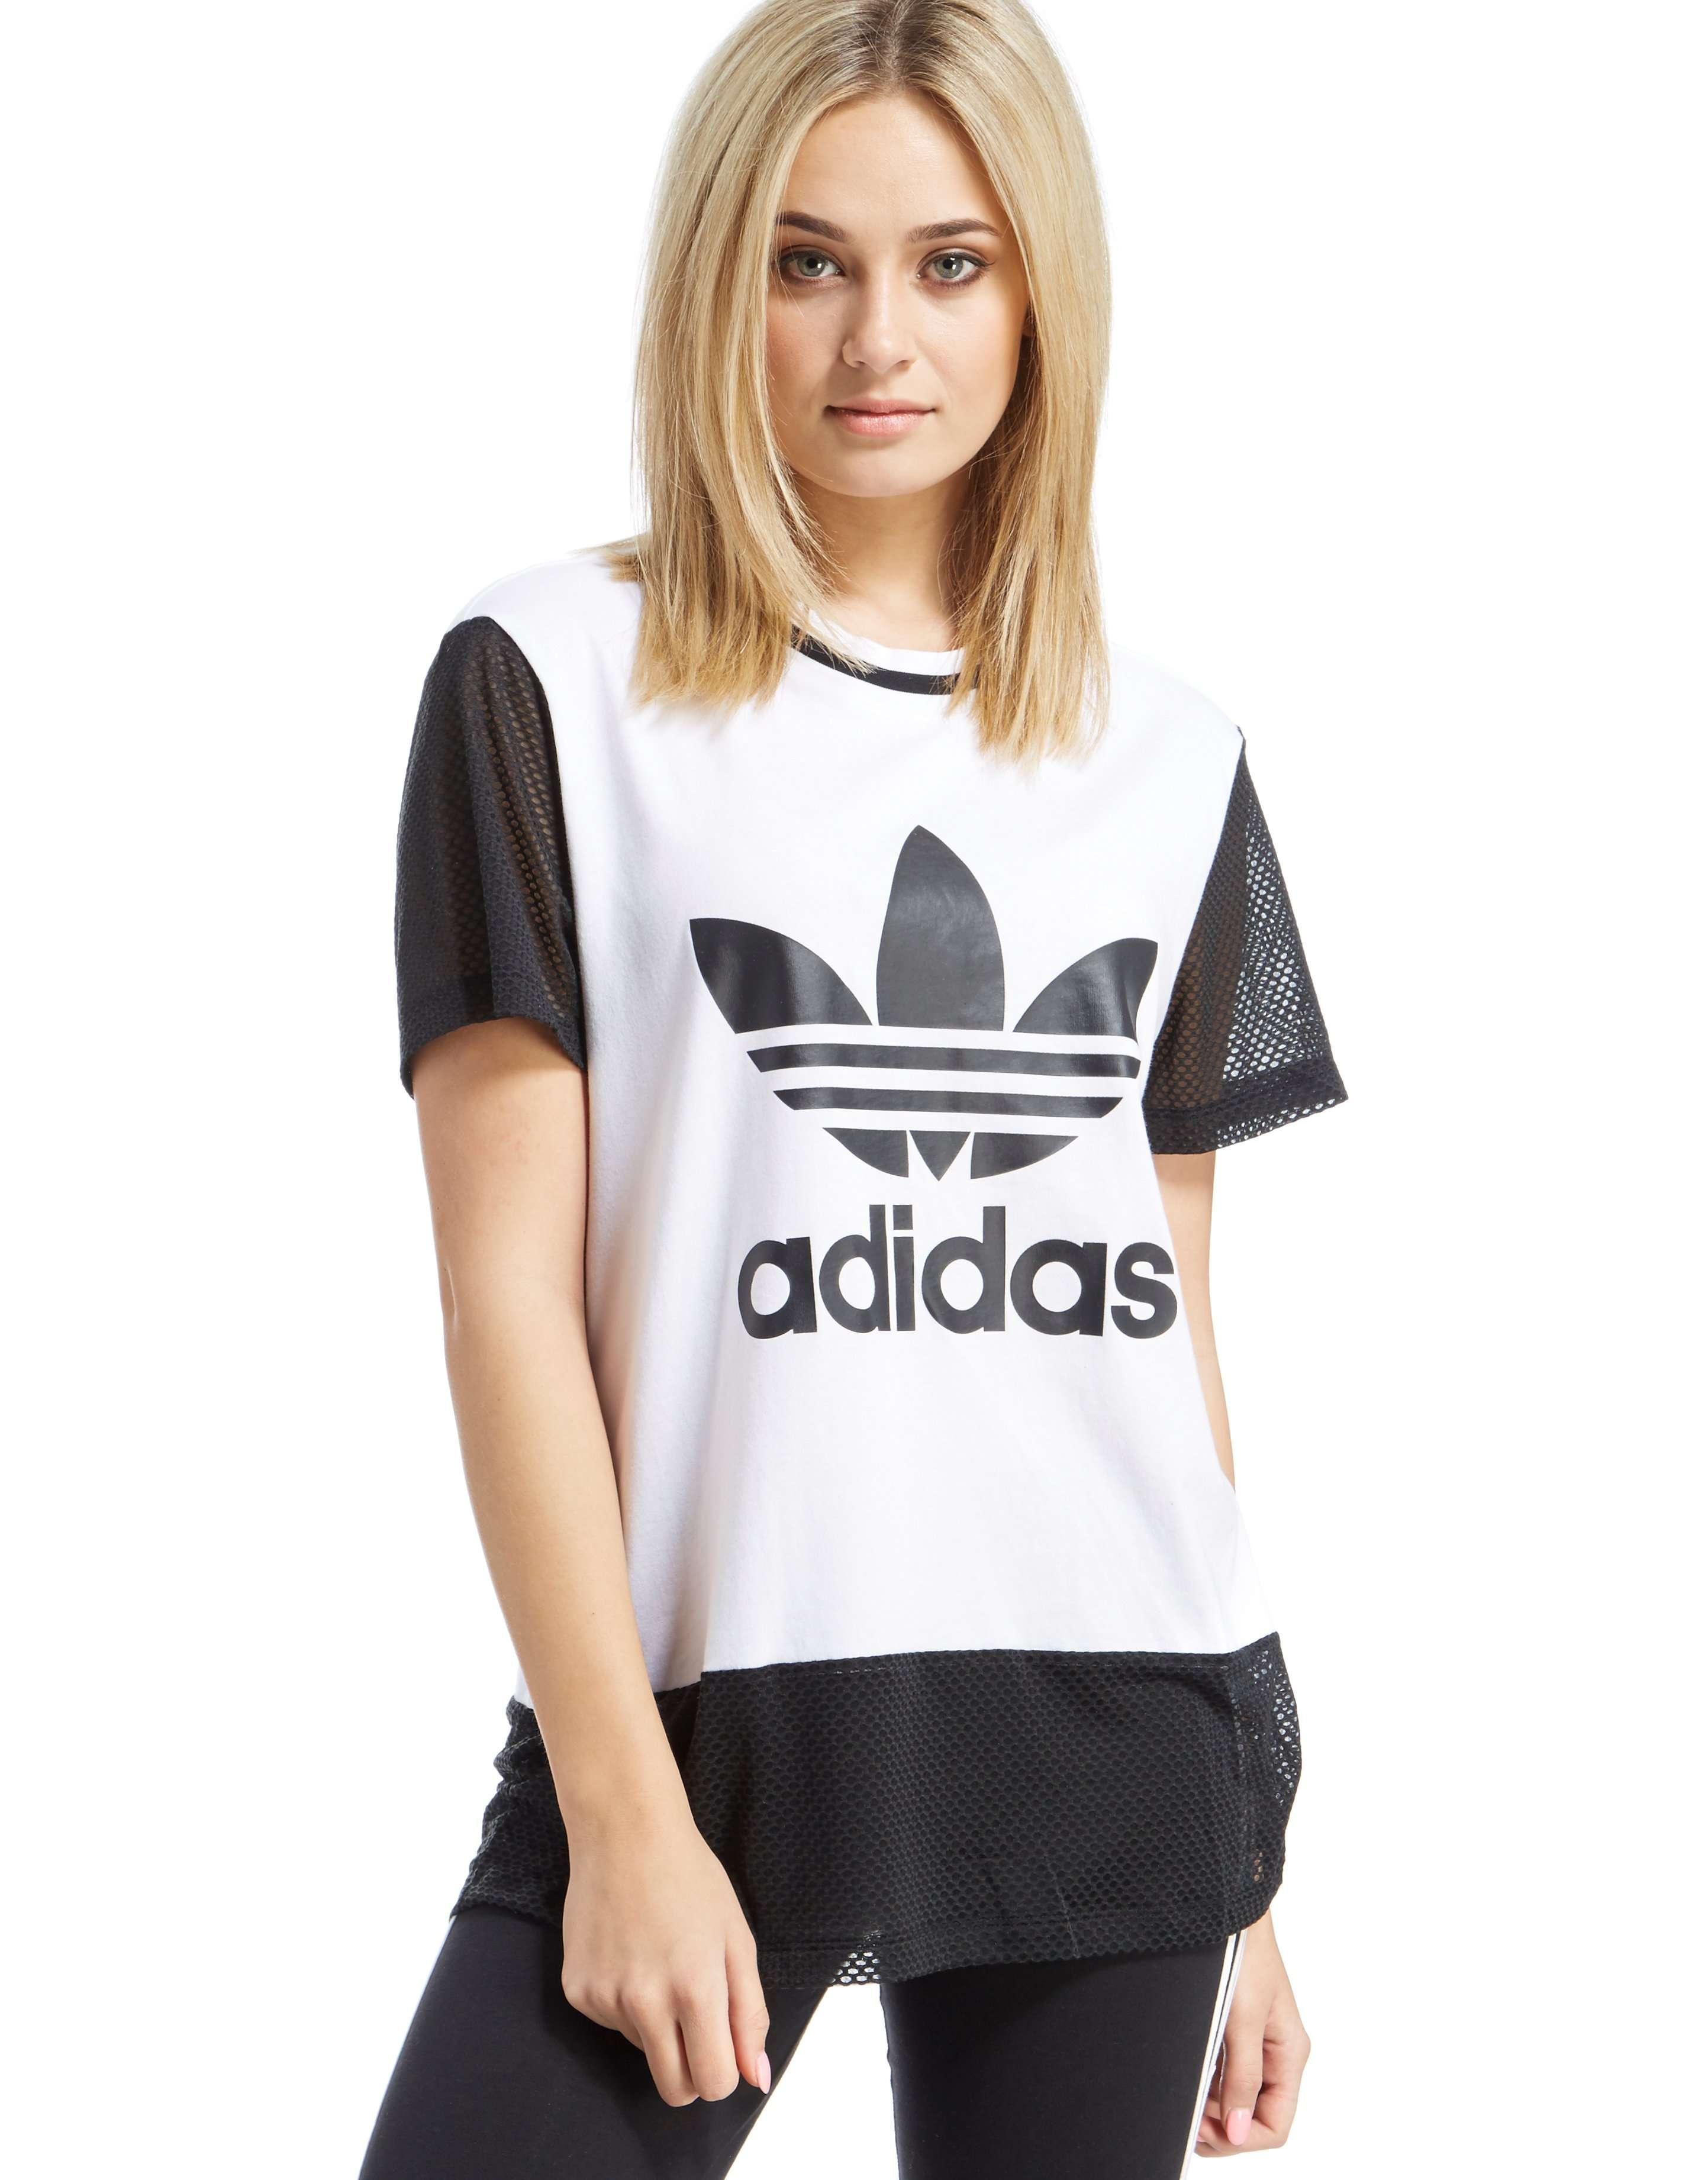 4e78b6d3c1 Jd Sports Ladies Adidas Tops   Toffee Art